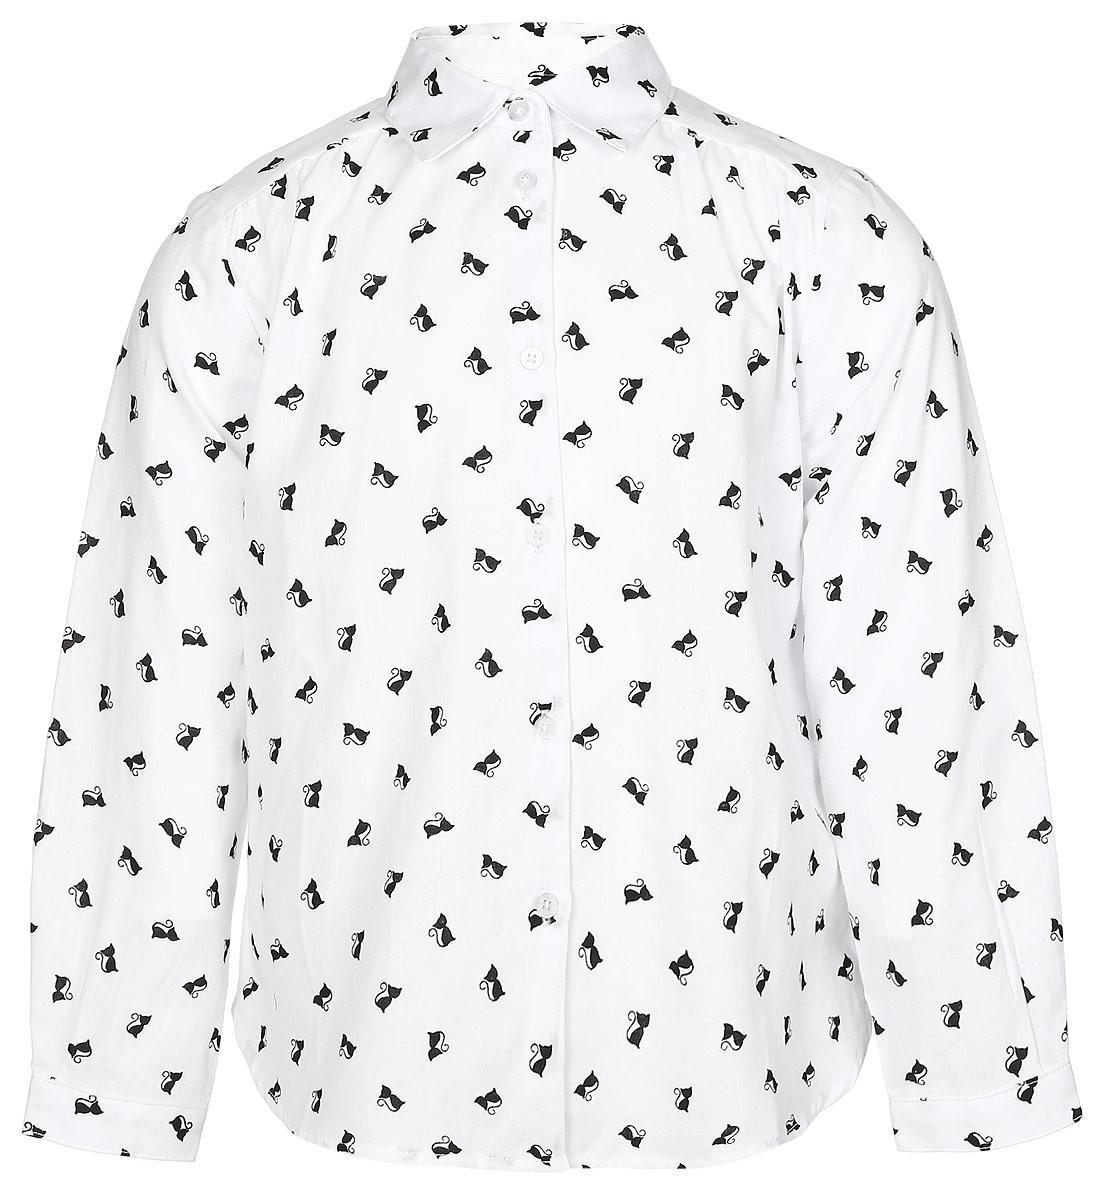 Рубашка для девочки Button Blue, цвет: белый, черный. 216BBGC22010207. Размер 98, 3 года216BBGC22010207Стильная рубашка Button Blue выполнена из 100% хлопка. Модель свободного трапециевидного кроя с длинными рукавами и отложным воротником застегивается на пуговицы по всей длине и оформлена оригинальным принтом с изображением кошек. На манжетах предусмотрены застежки-пуговицы. Спинка немного удлинена.